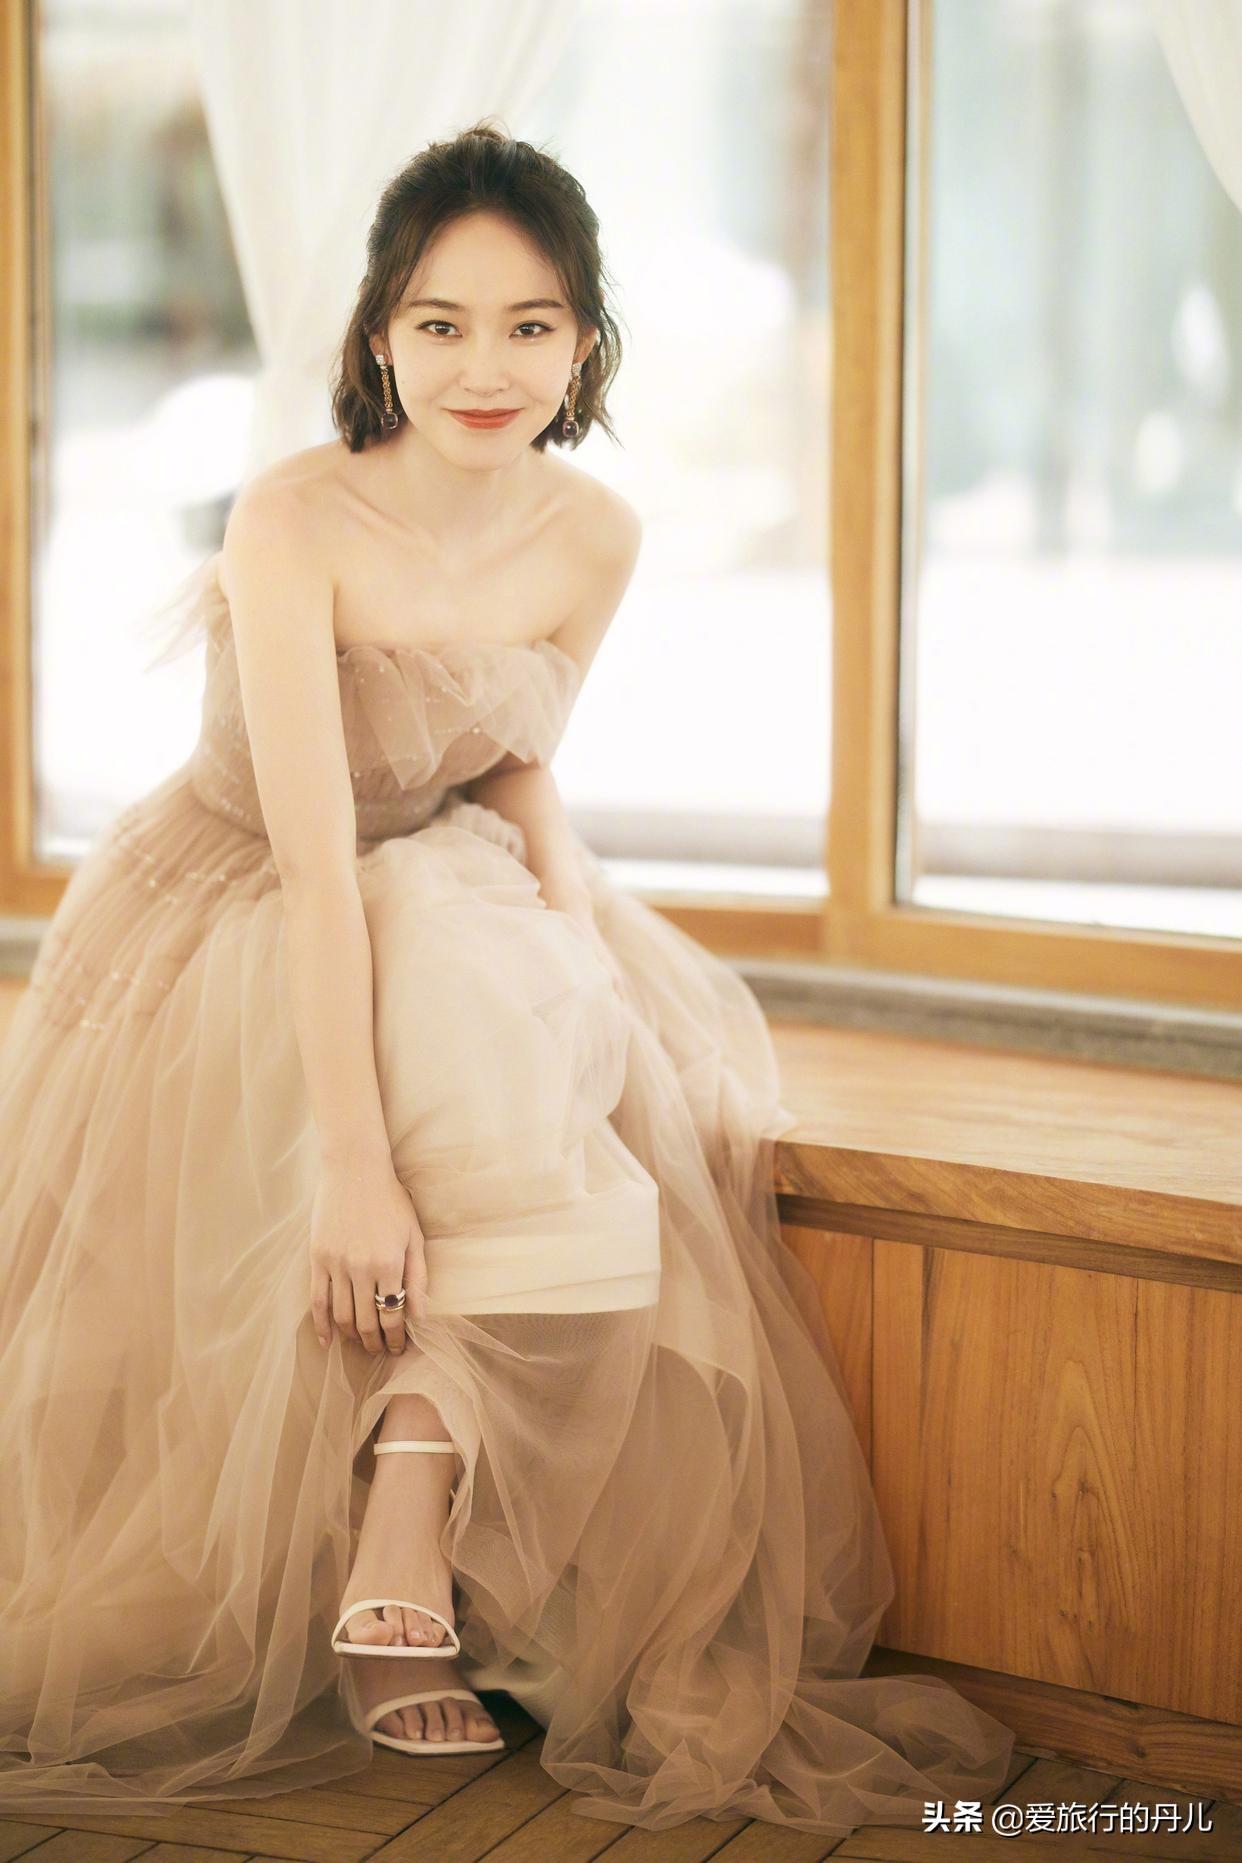 张佳宁一袭金色纱裙,优雅动人,仙气满满